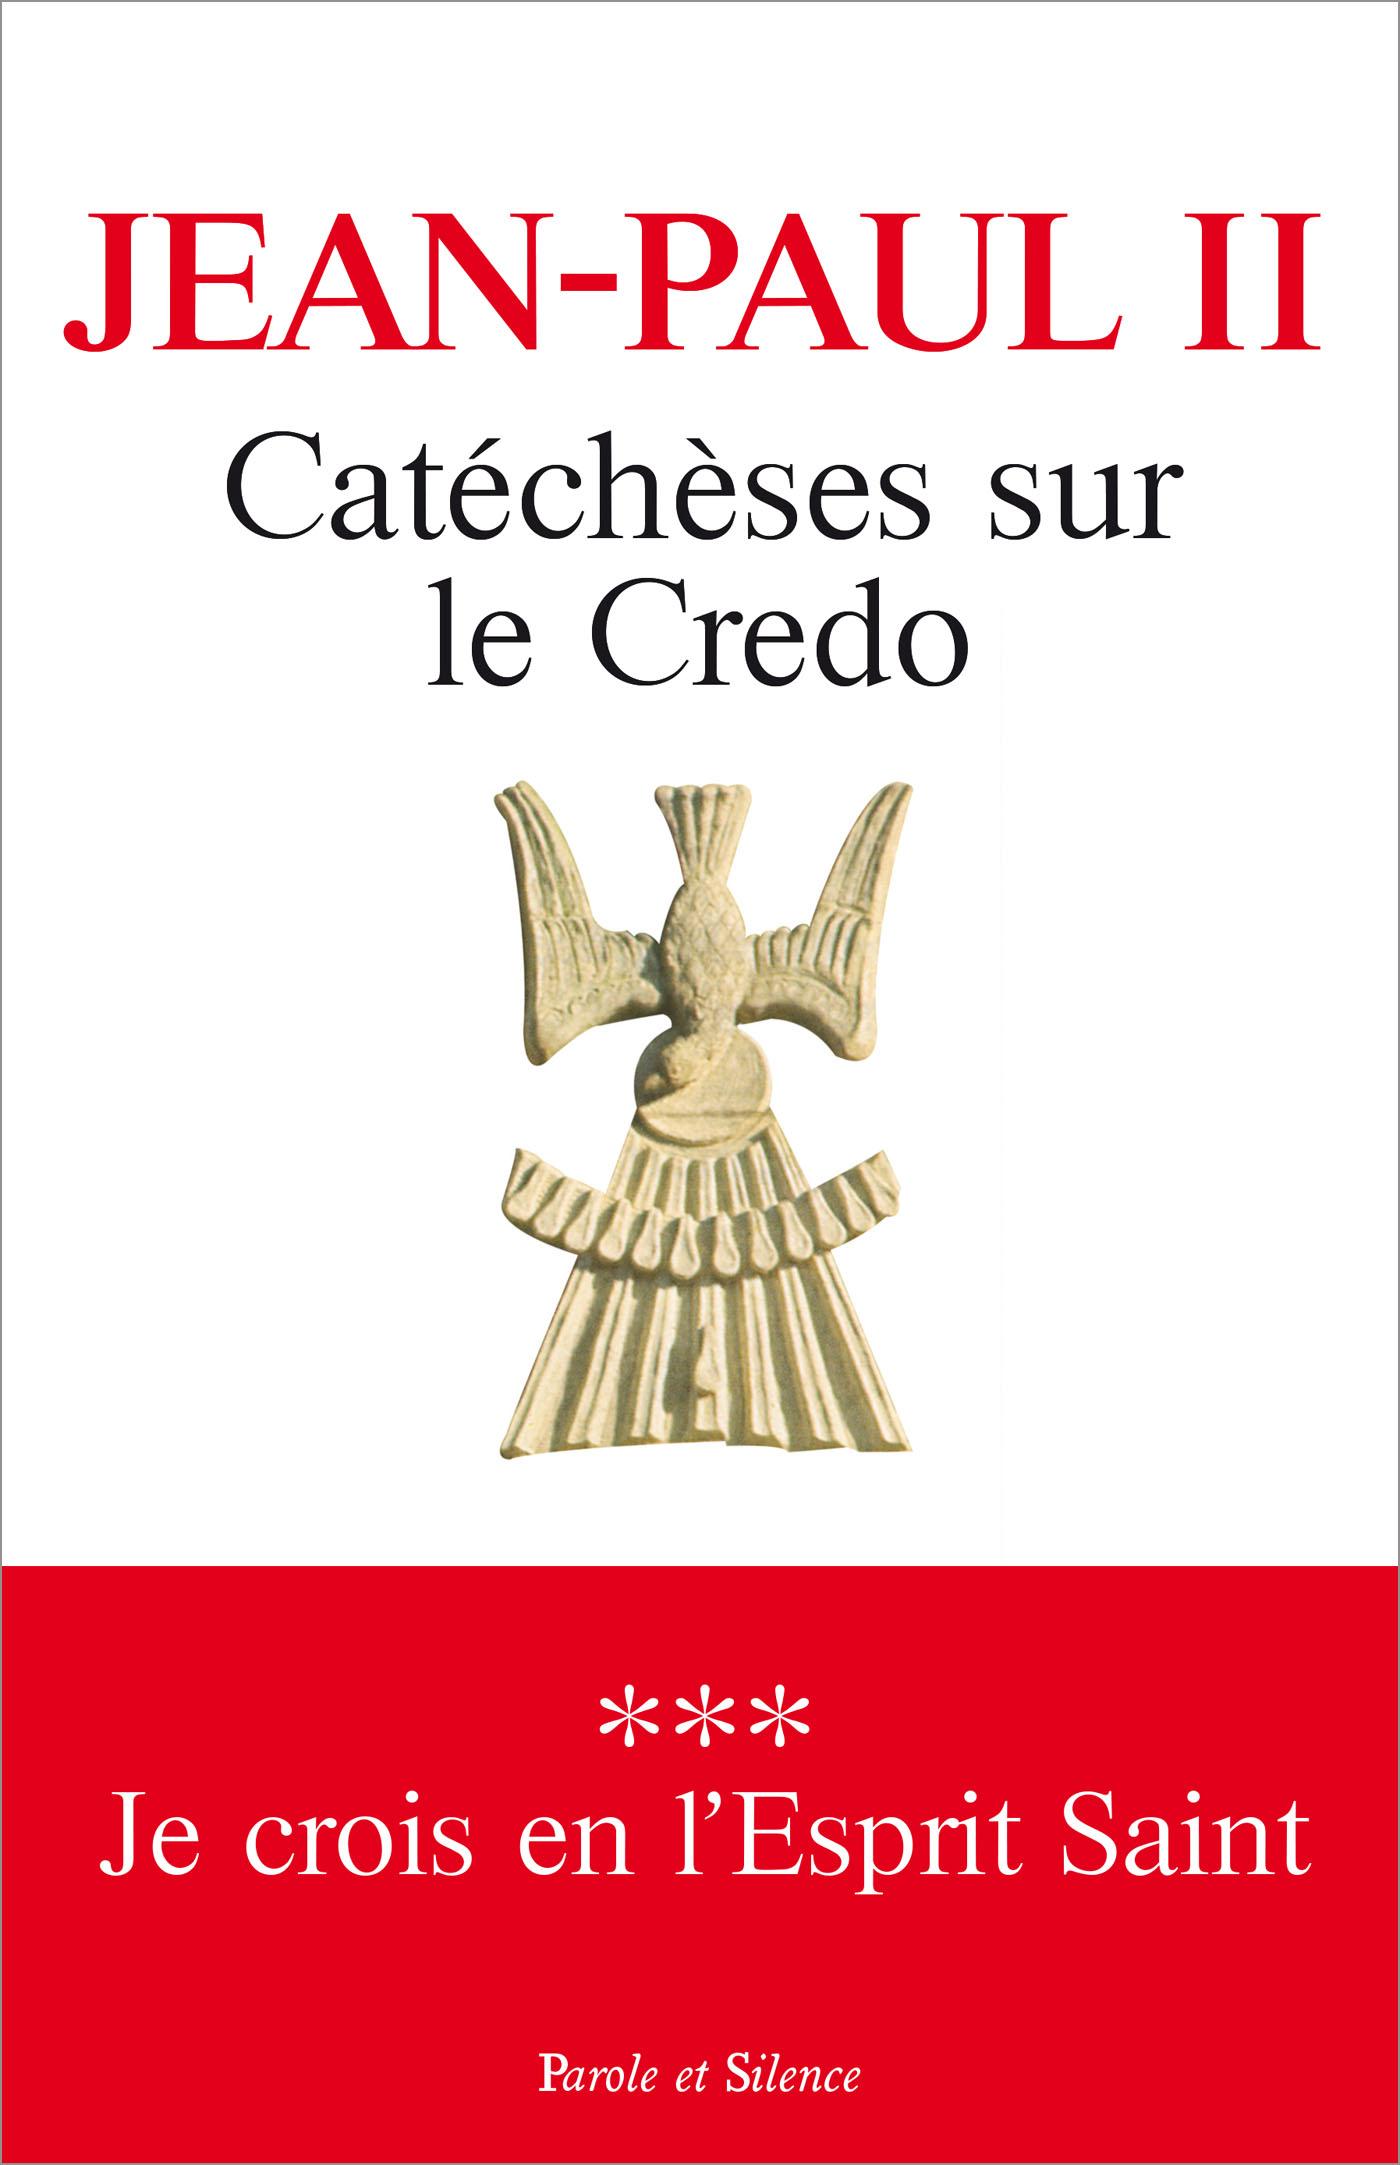 Catéchèses sur le Credo - 3 - Je crois en l'Esprit